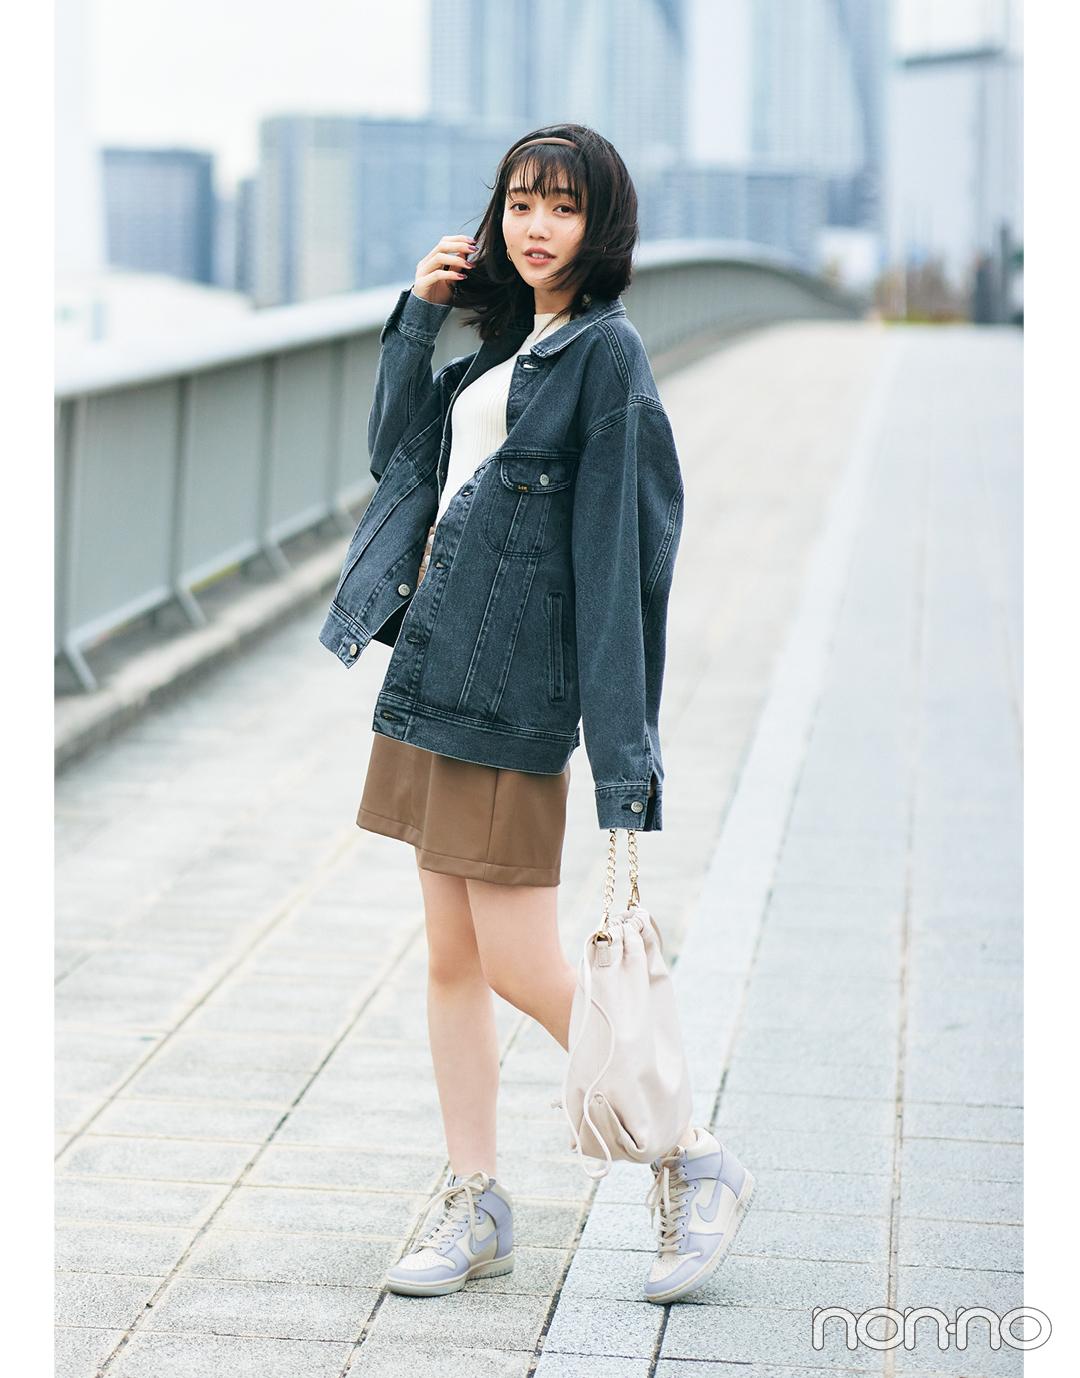 ナイキ&アディダスの春新作スニーカー6選!【2021春トレンド】_1_4